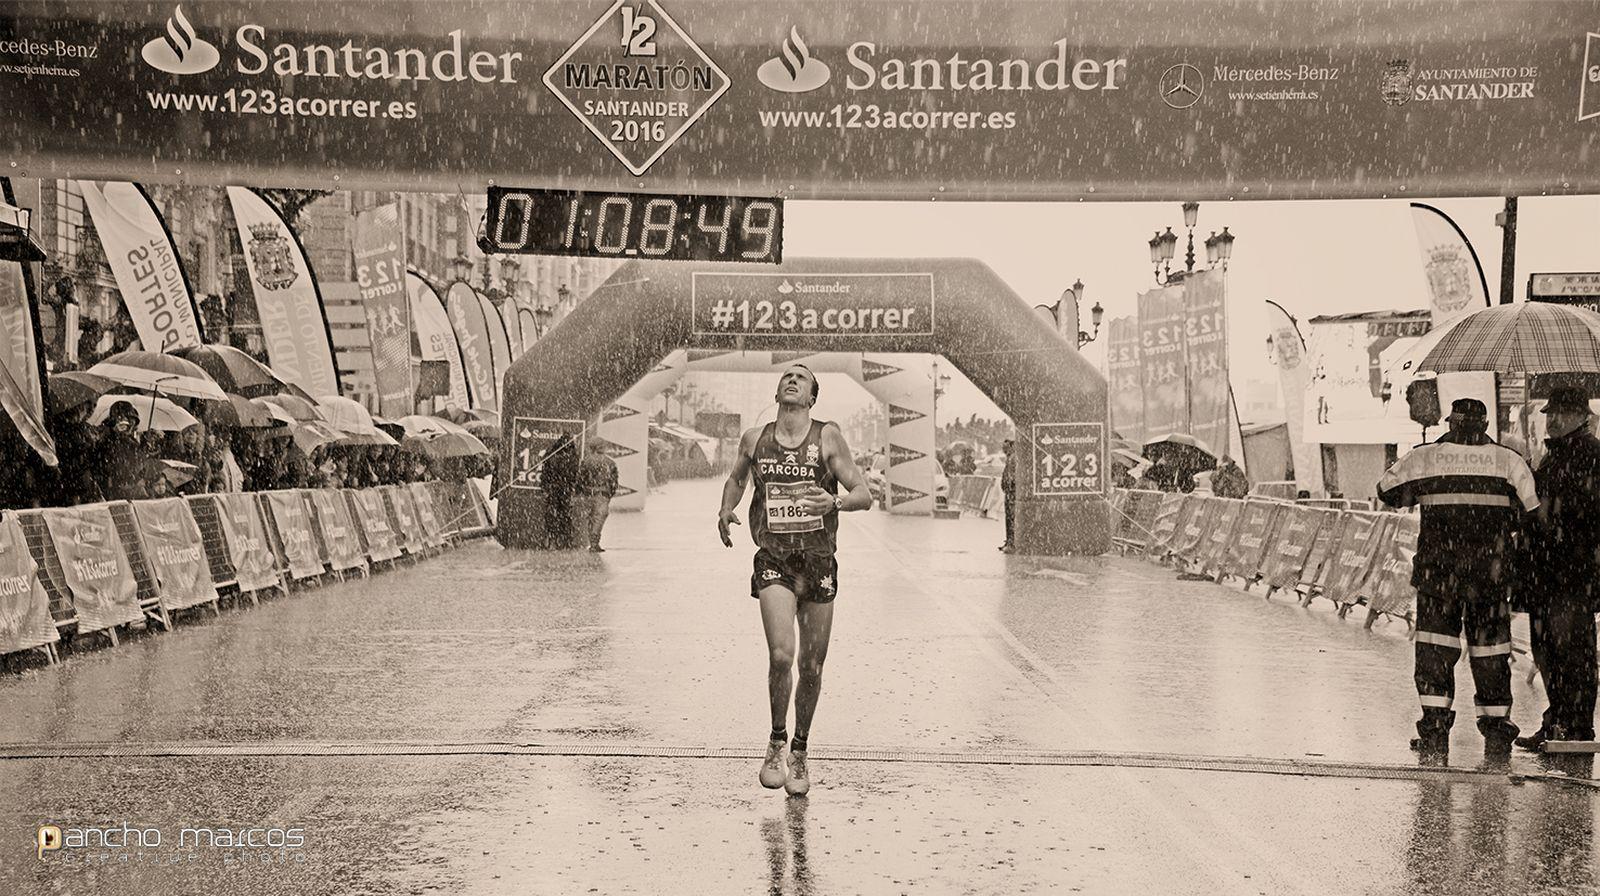 Abiertas las inscripciones para la media maratón de Santander